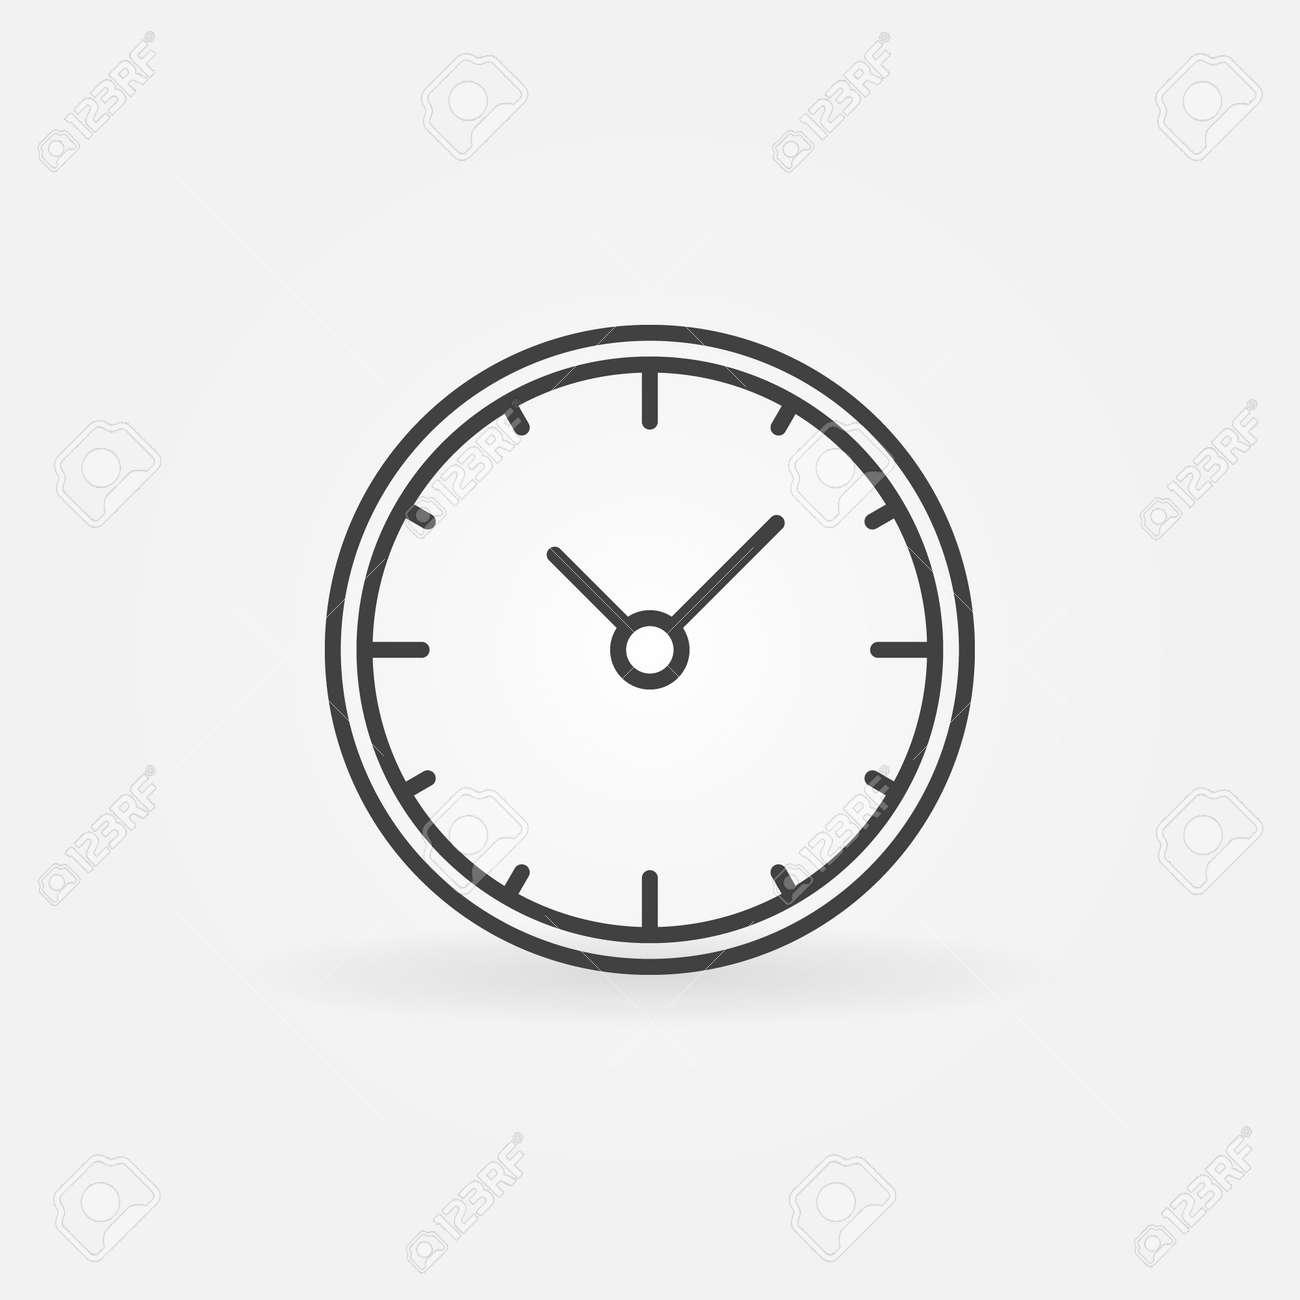 753970fd9ee4 Foto de archivo - Icono de reloj de pared - vector señal de reloj lineal o  elemento de logotipo